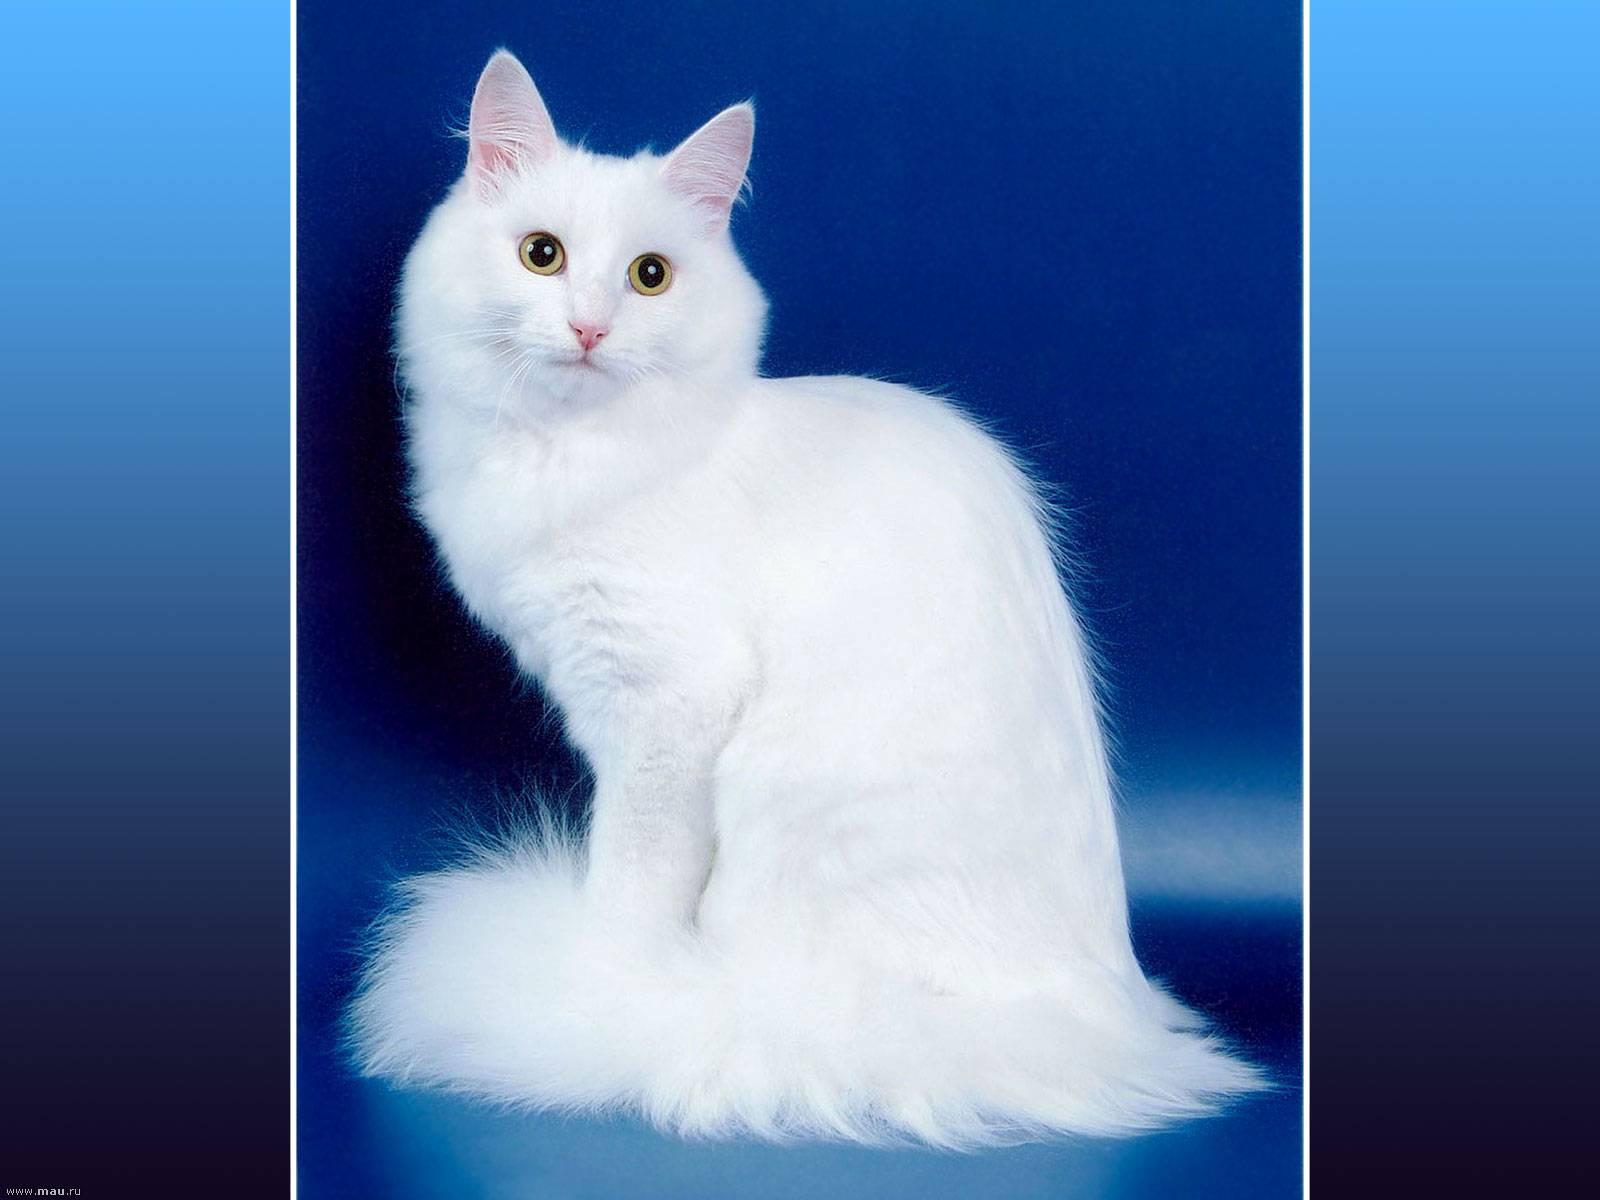 Описание внешности и характера породы кошек турецкая ангора